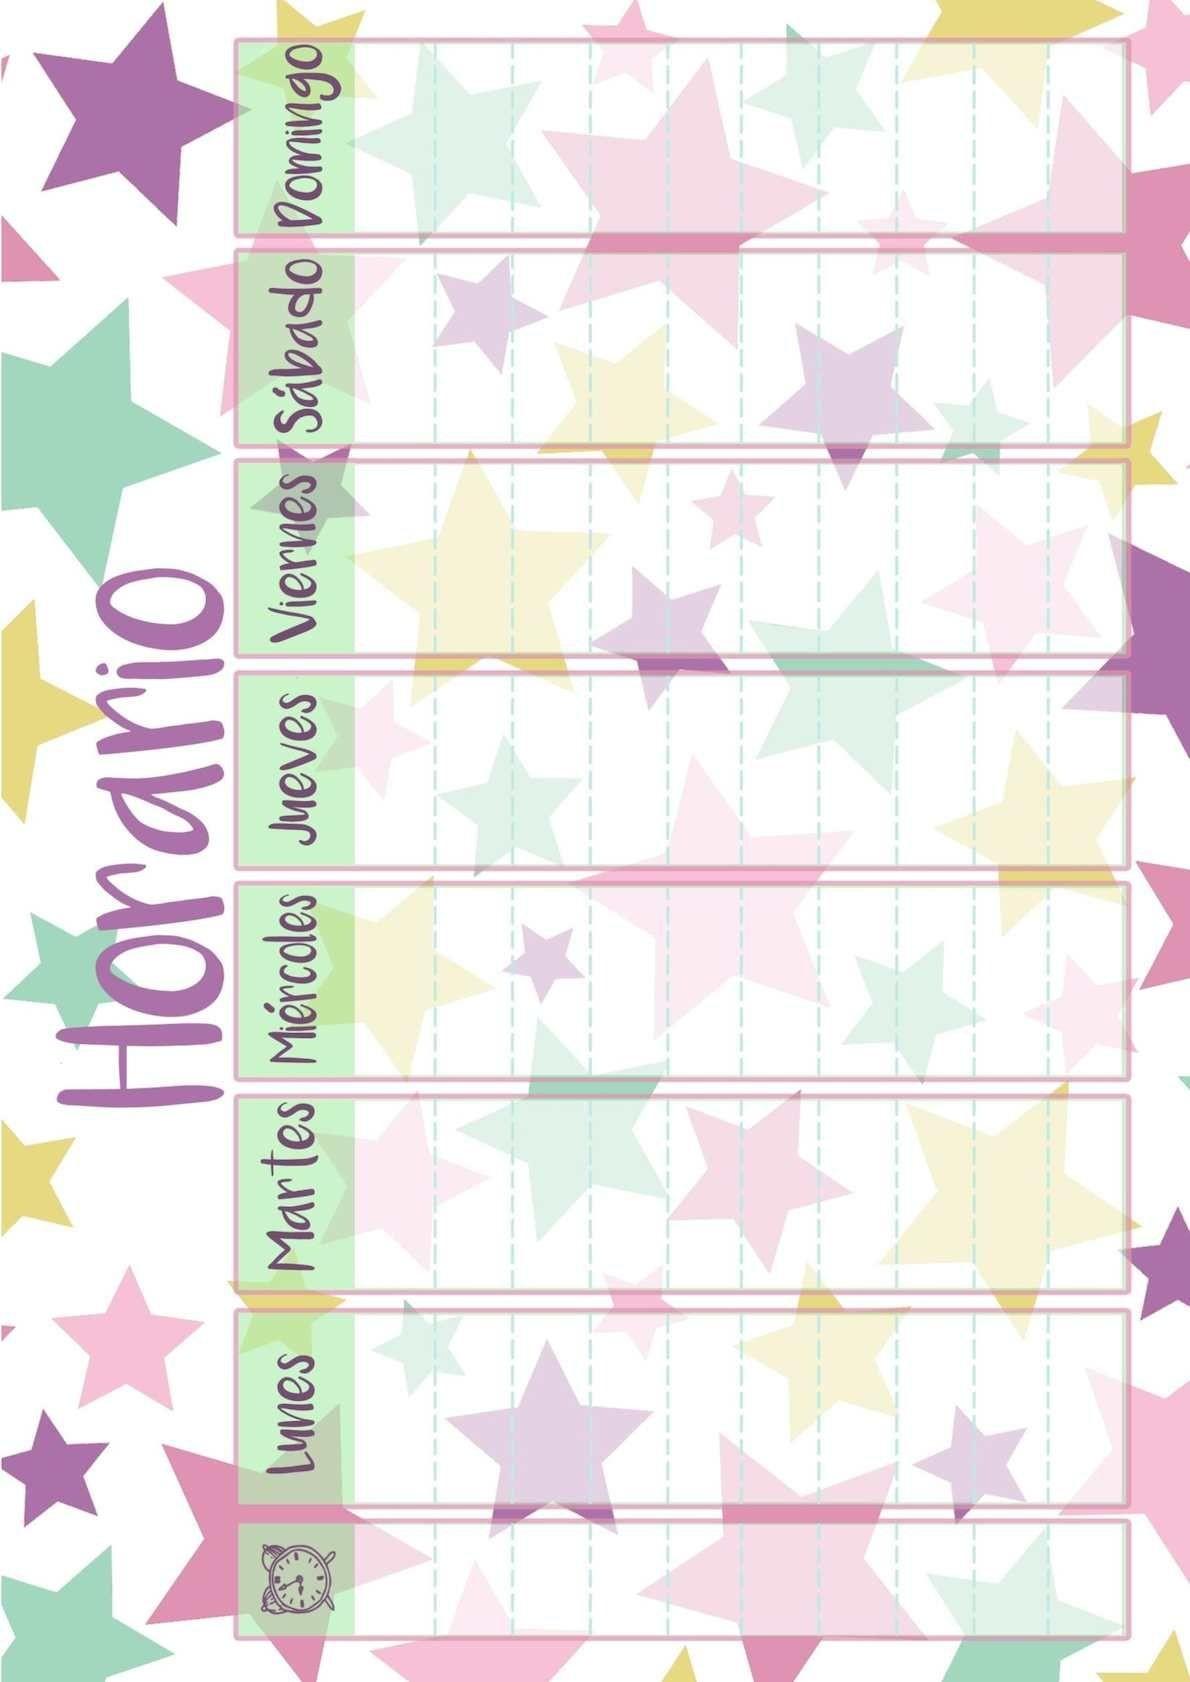 Calendario 2019 Imprimir Personalizado Mejores Y Más Novedosos Pack Descargable Planifica Tu A±o 2016 Planificador Of Calendario 2019 Imprimir Personalizado Más Actual Calendario Ilustrado 2016 Gratis Craft Pinterest